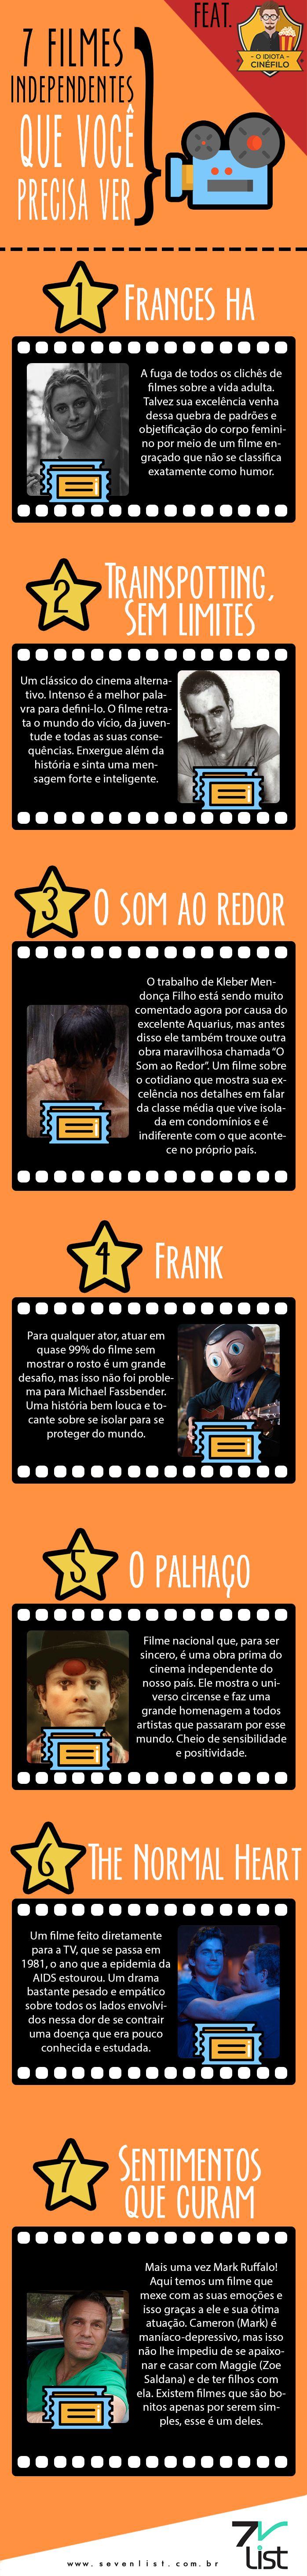 #SevenList #Infográfico #Infographic #List #Lista #Movie #Filme #Cinema #Filmesindependentes #filmesindependentes #netflix #francesha #trainspotting #osomaoredor #frank #opalhaço #thenormalheart #sentimentosquecuram